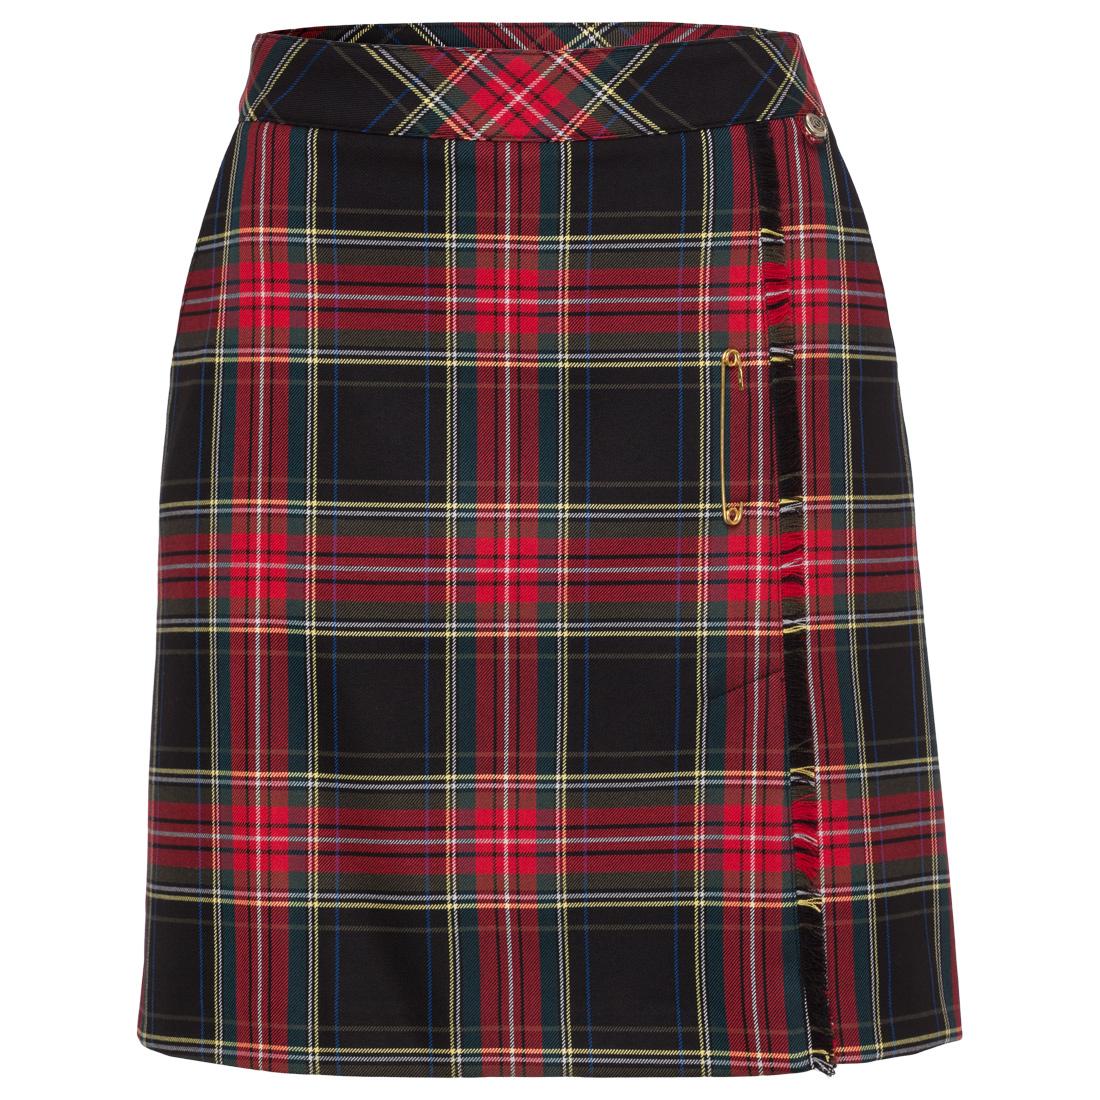 Damen Stretch-Golfrock mit modischem Schottenmuster und langer Passform